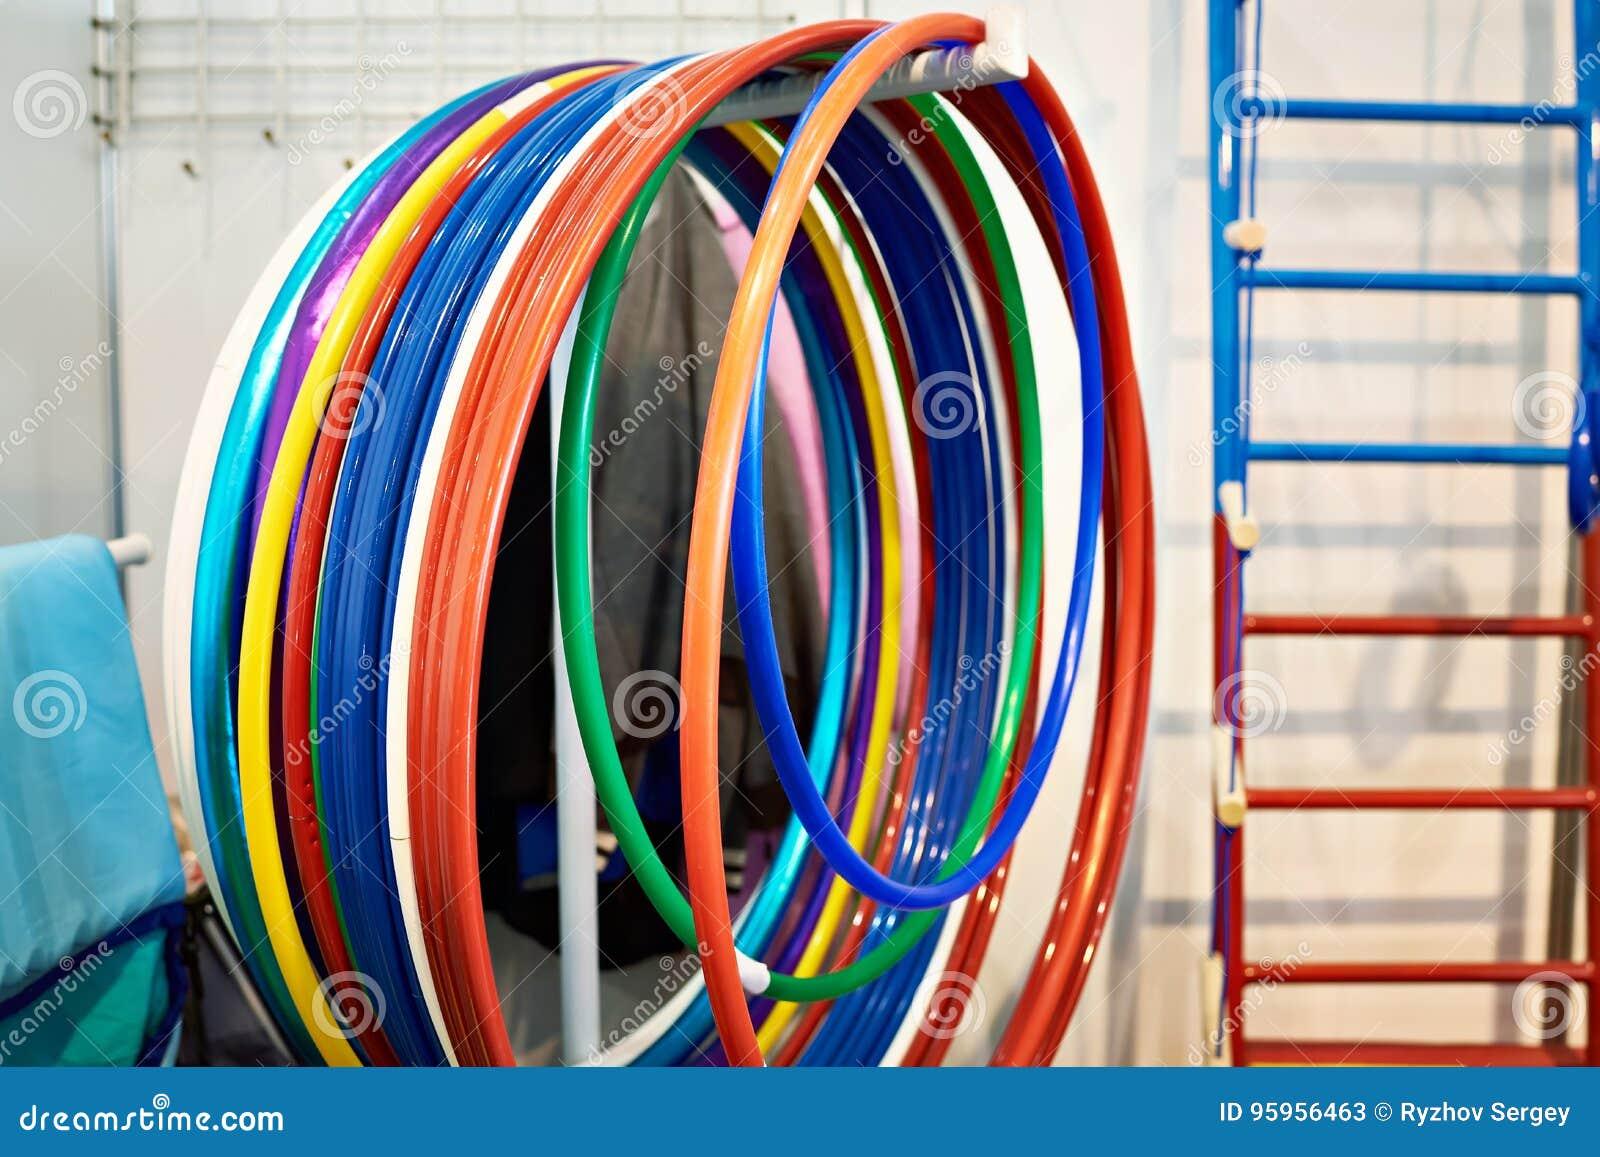 Gymnastic hoops in sport gym